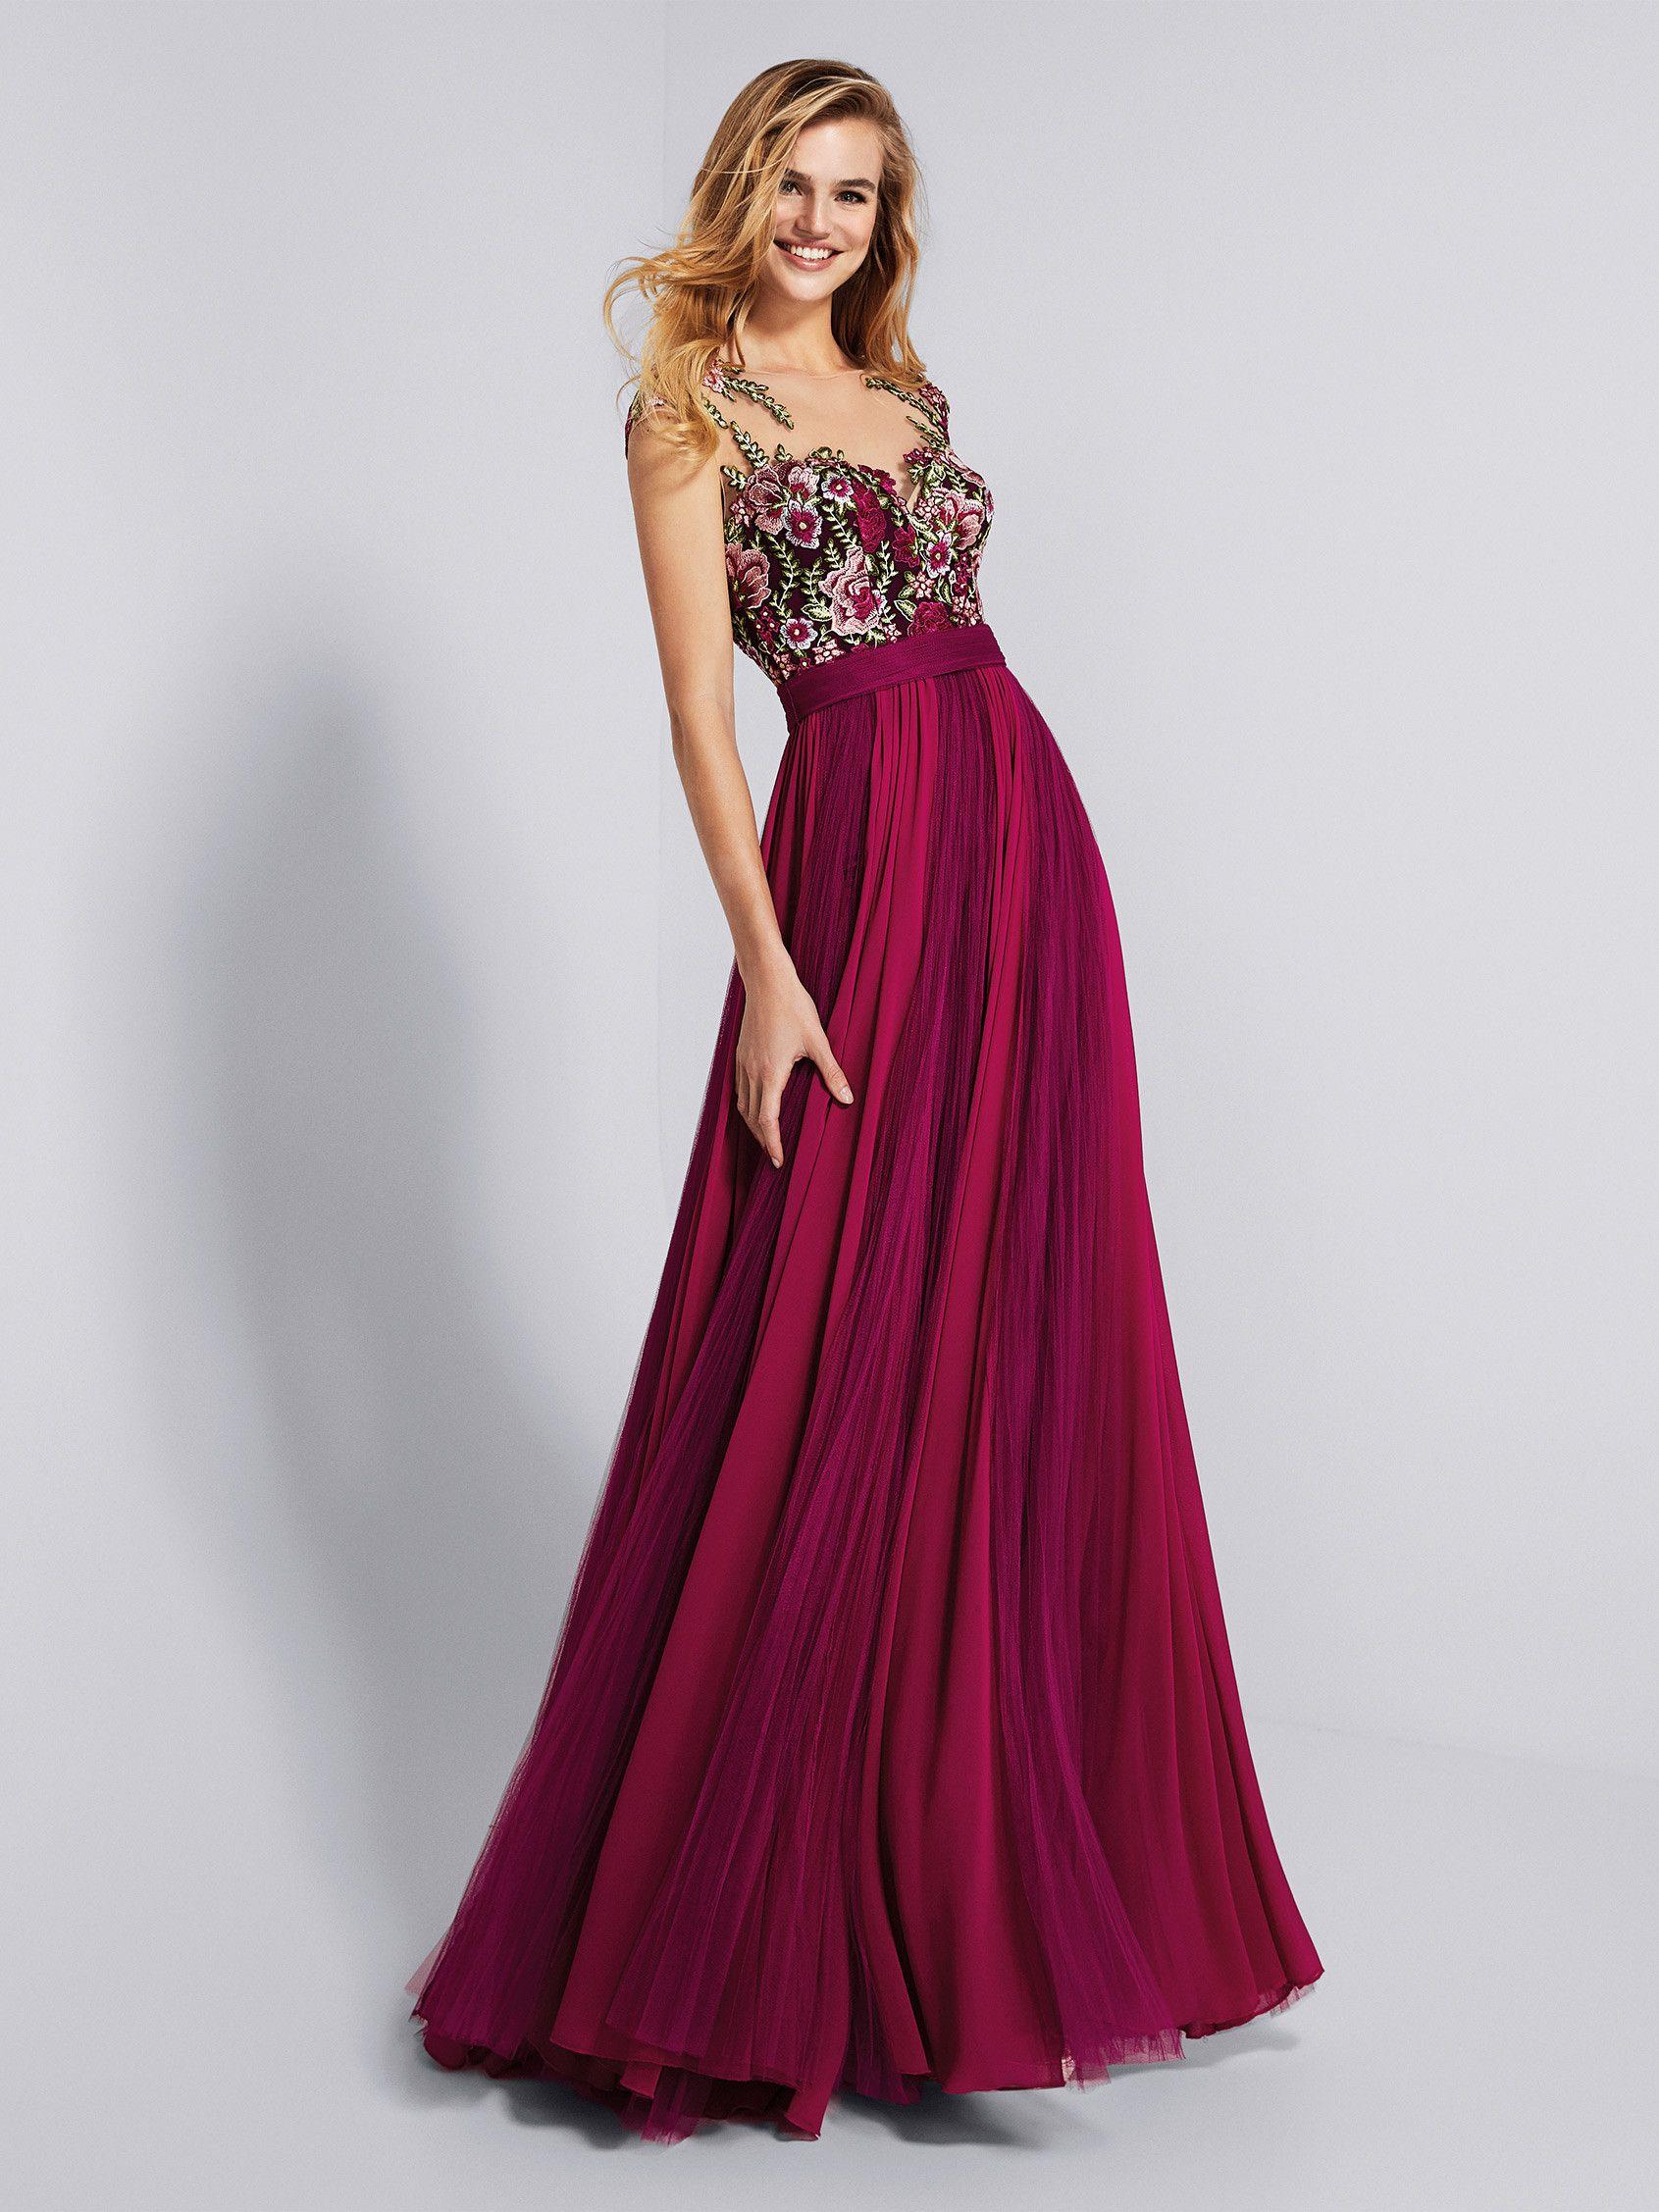 Robe soiree de couleur